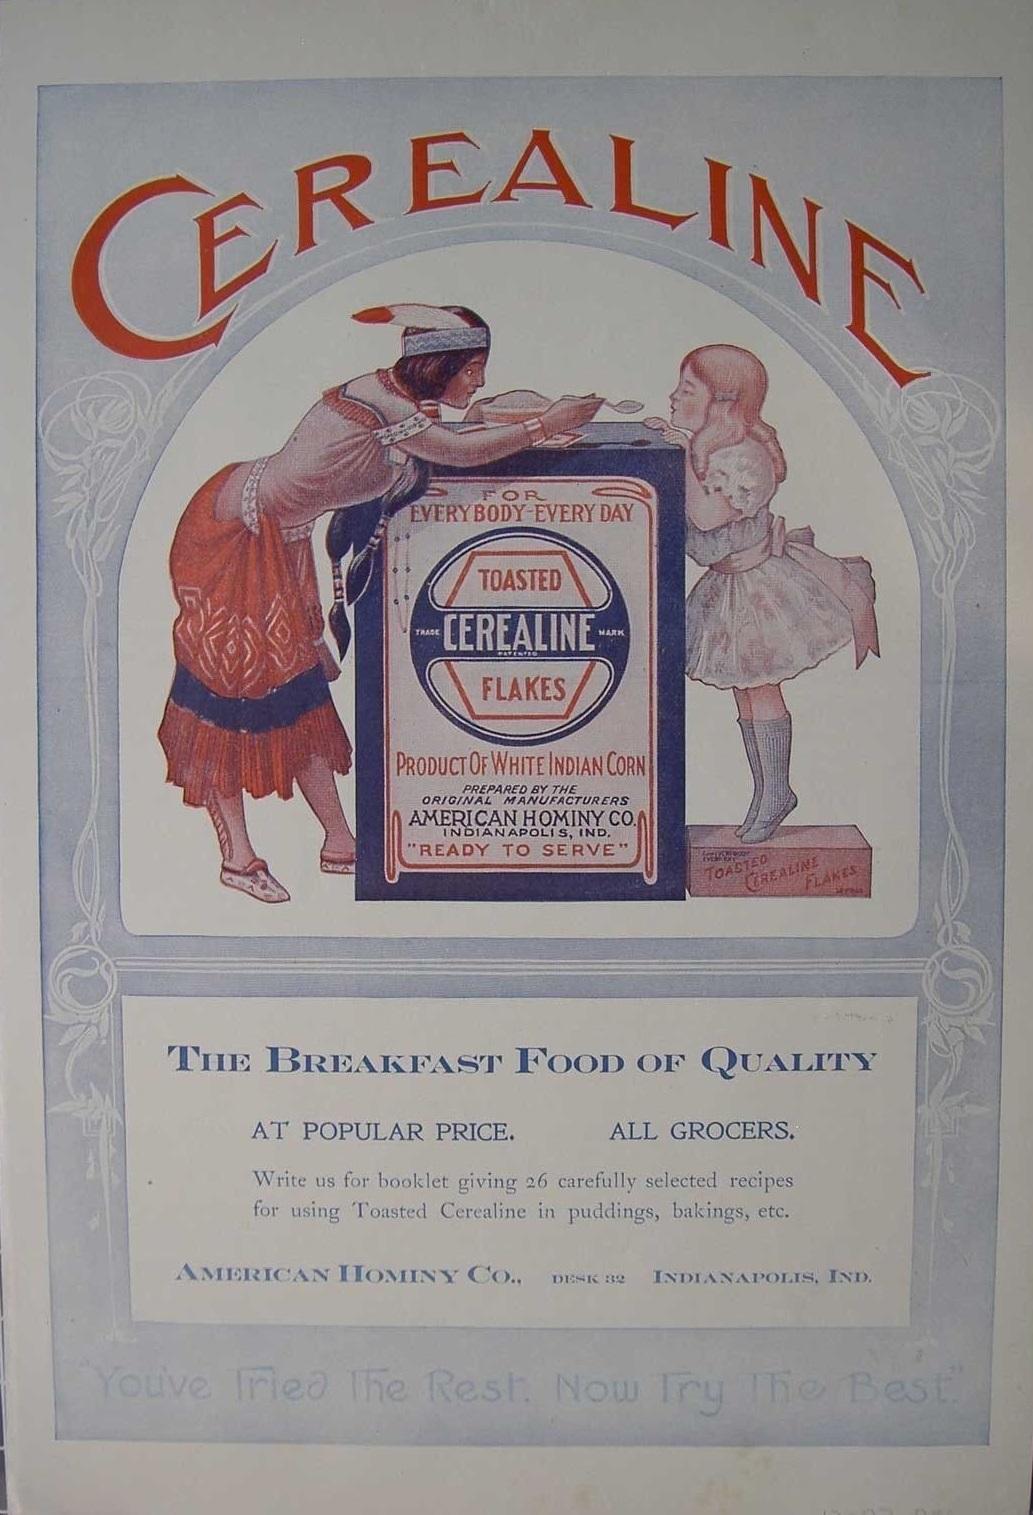 Sunday Adverts: American Hominy Company